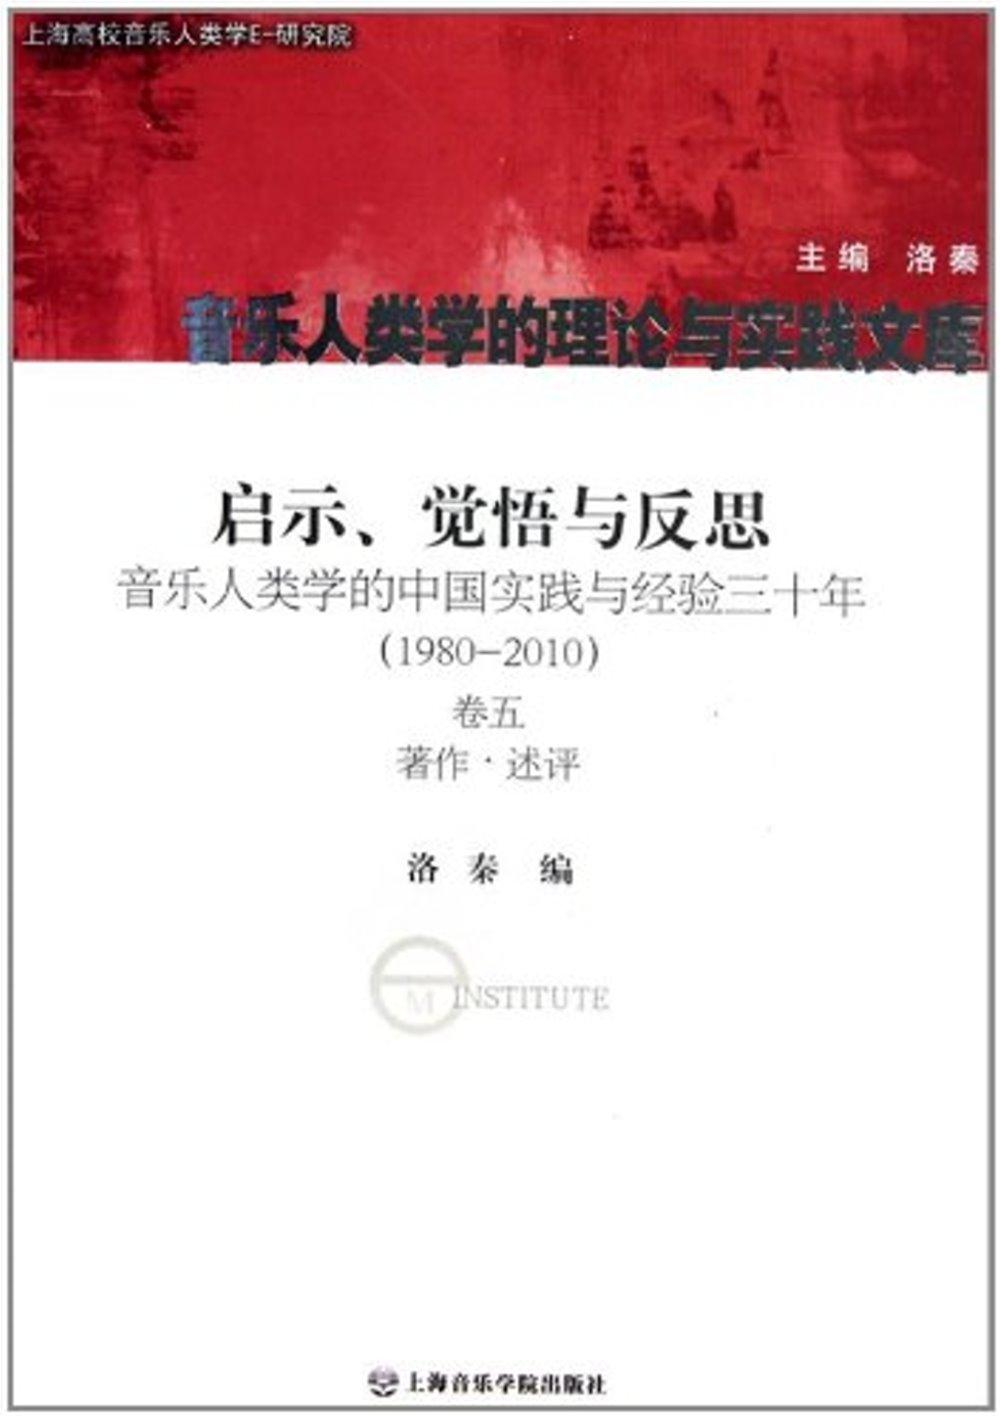 音樂人類學的理論與實踐文庫:啟示、覺悟與反思:音樂人類學的中國實踐與經驗三十年:1980~